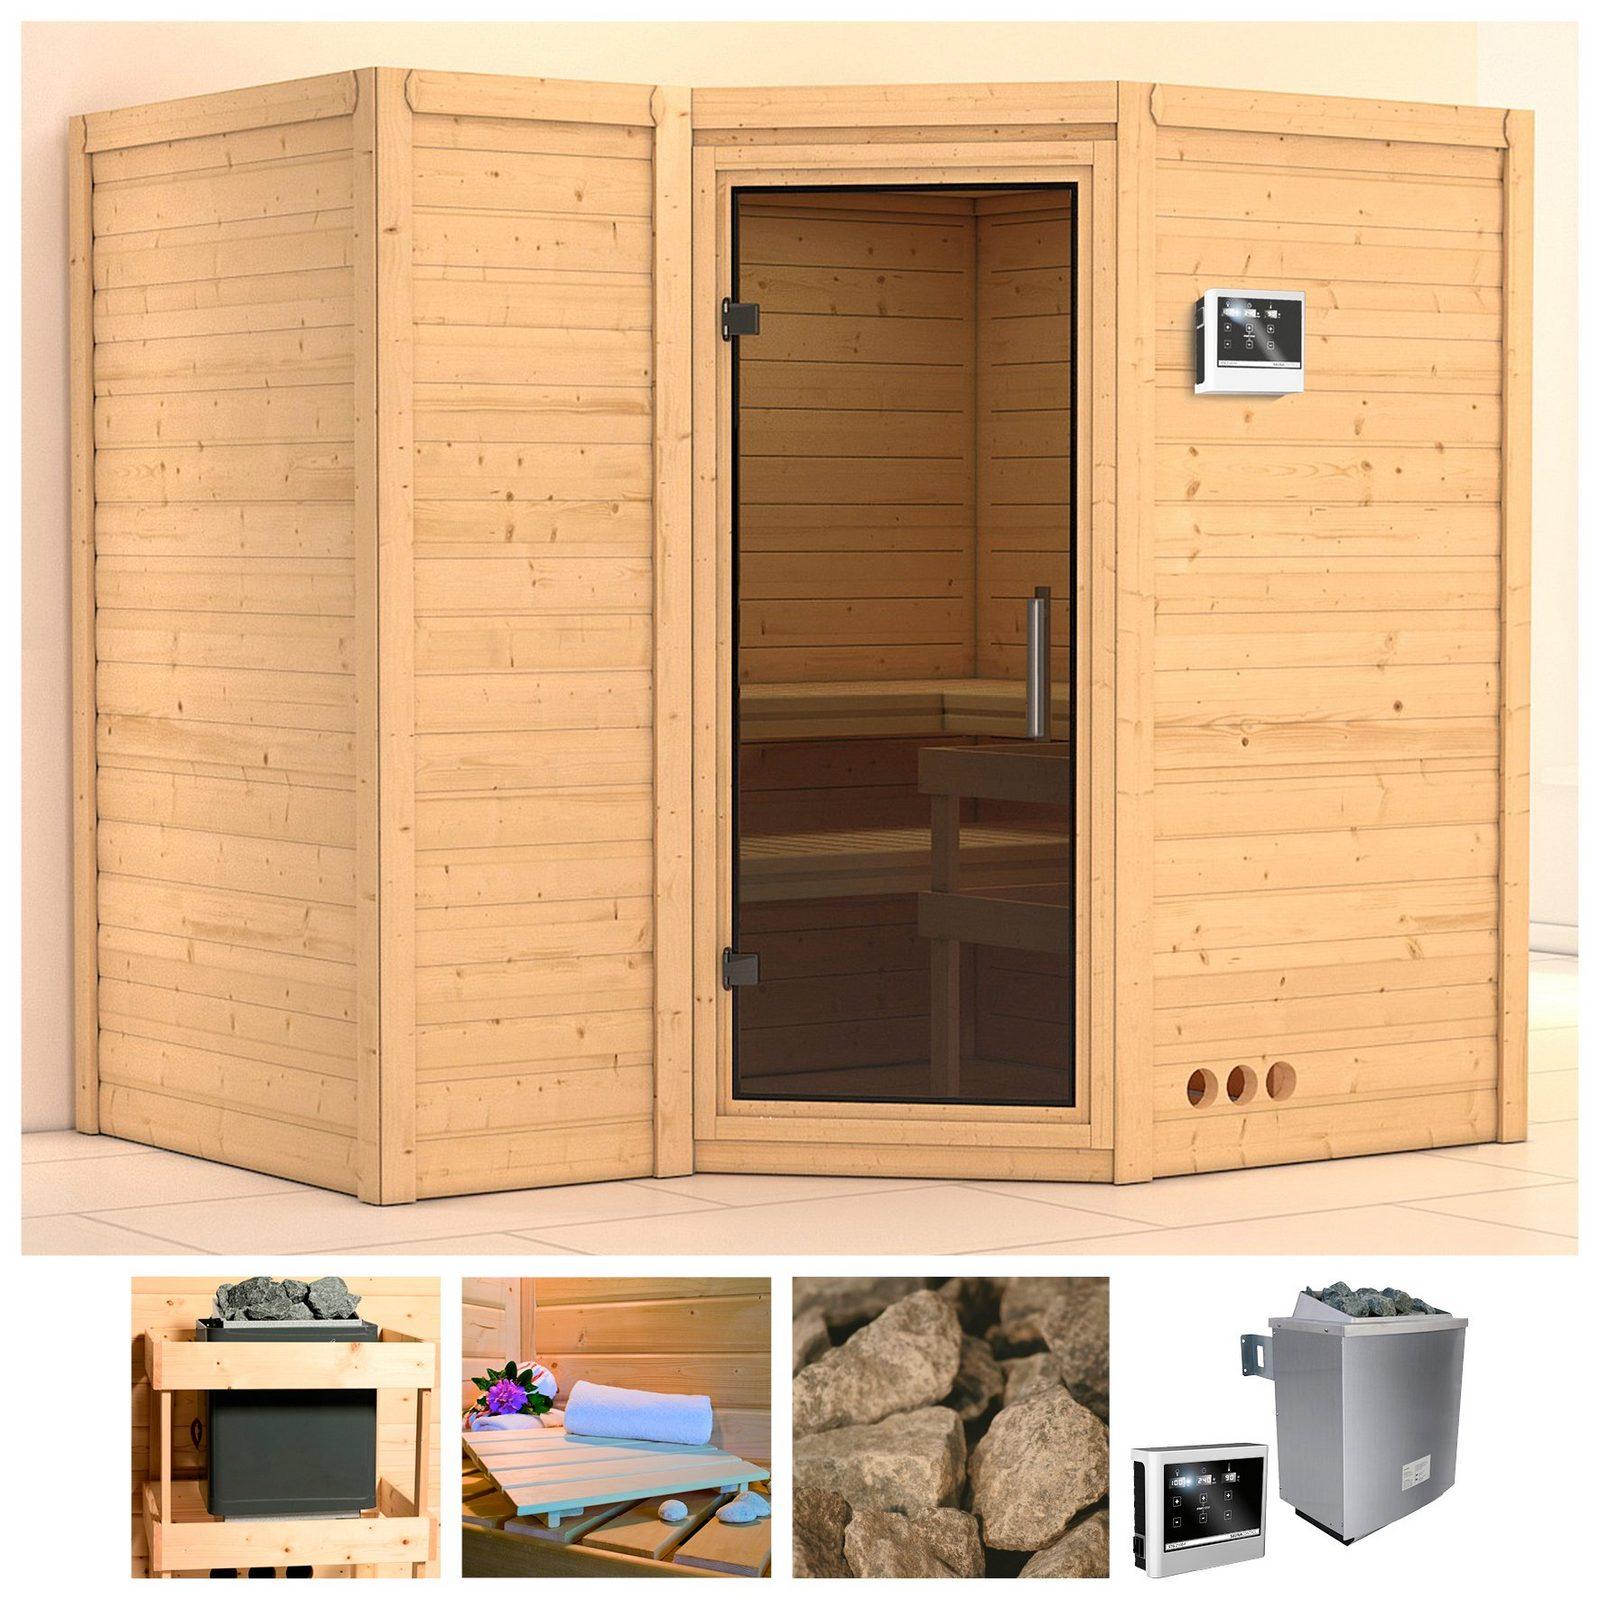 KONIFERA Sauna »Sahib 2«, 236/184/206 cm, 9-kW-Ofen mit ext. Steuerung, Glastür grafit jetztbilligerkaufen